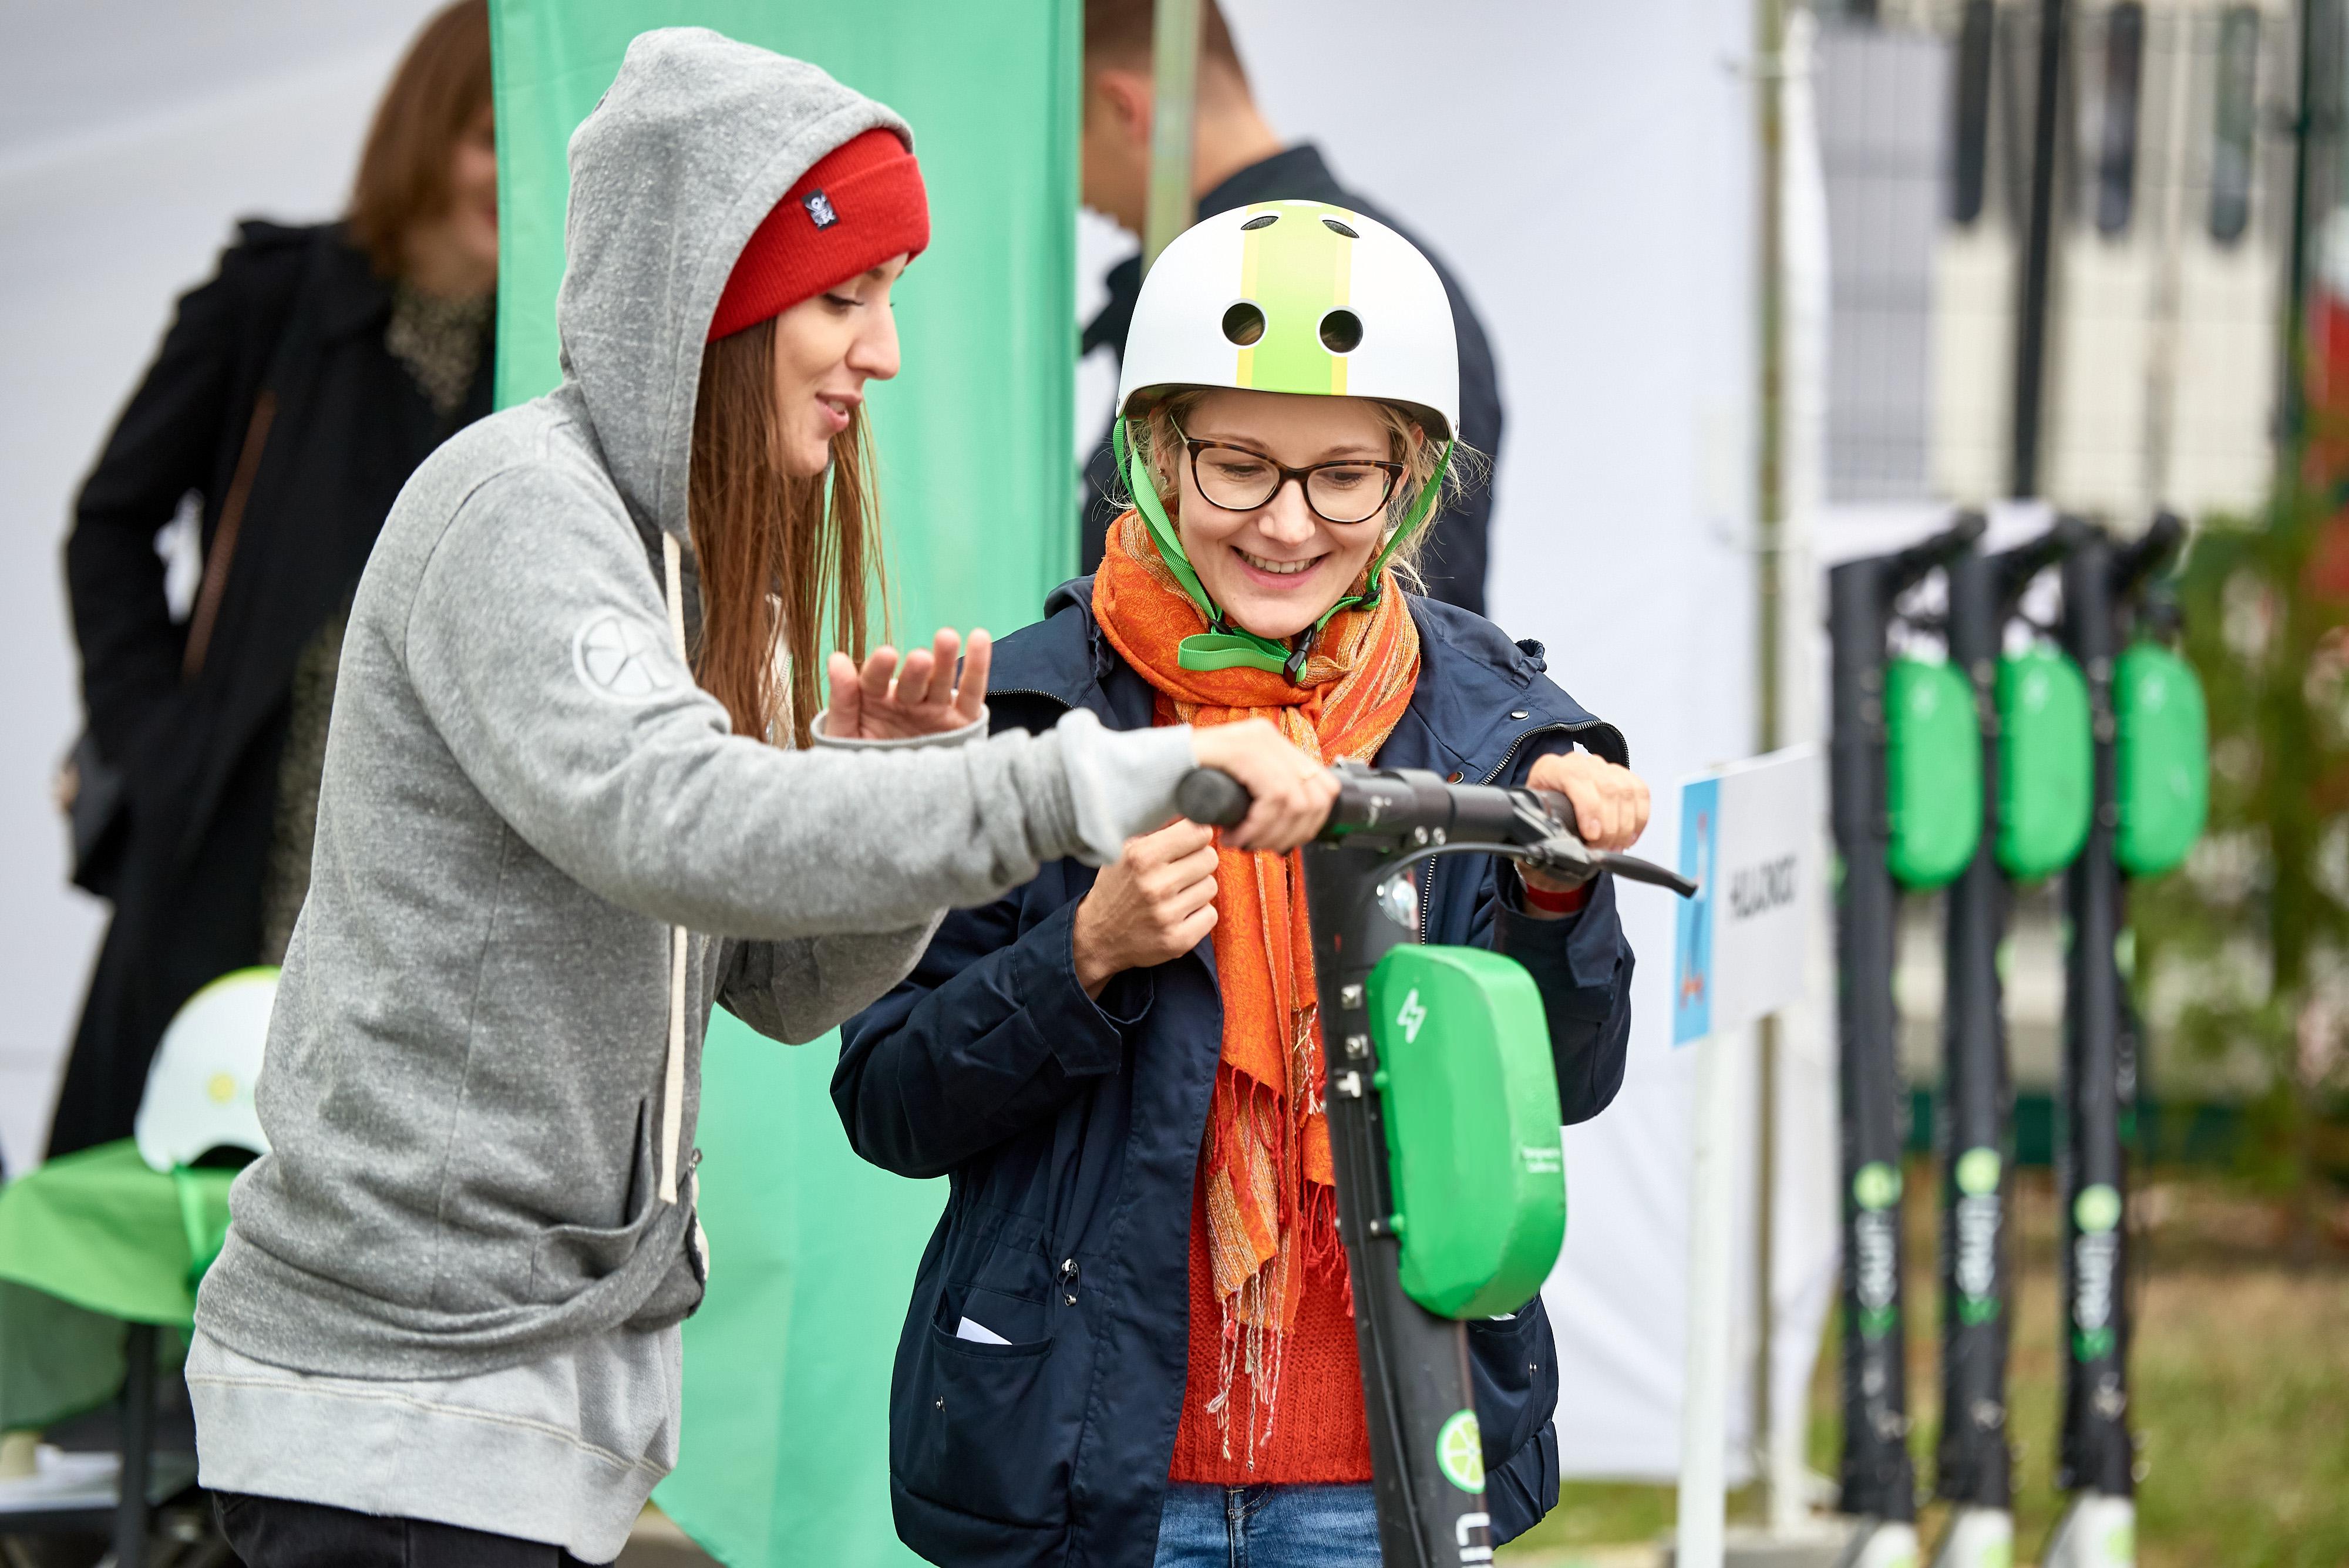 Lime propose des tours gratuits en scooter aux bureaux de vote pour les électeurs polonais